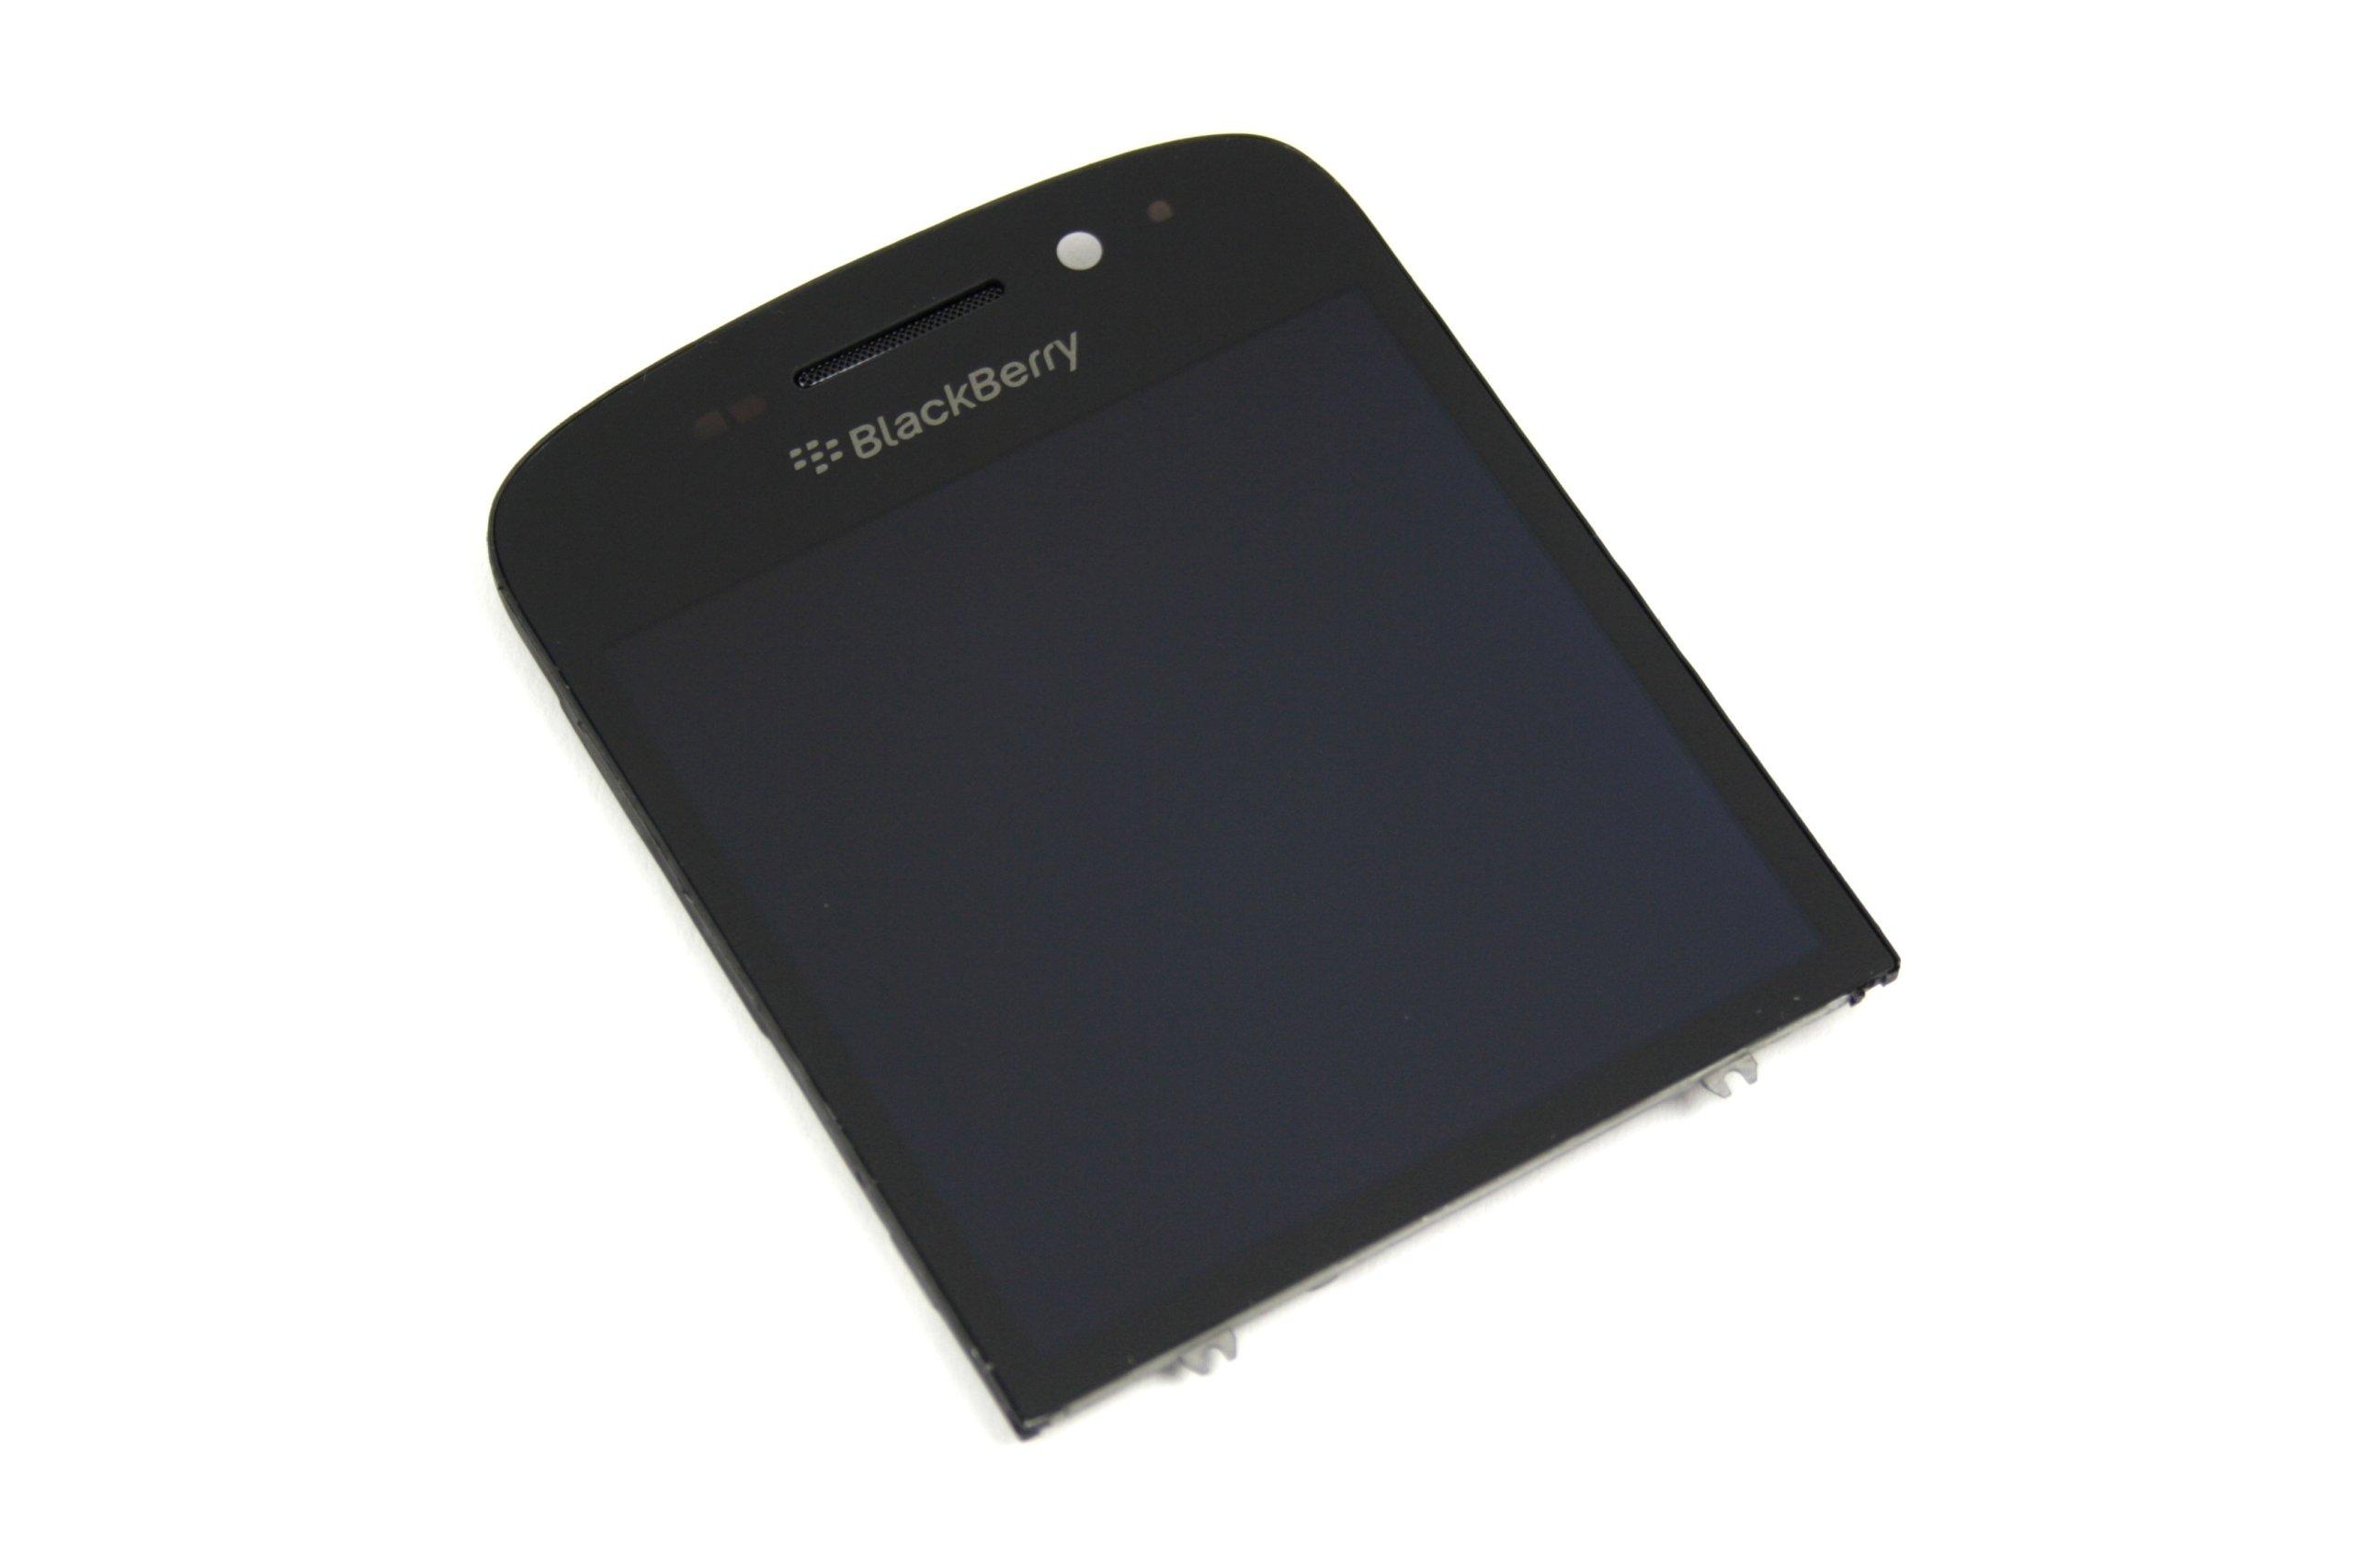 LCD WYŚWIETLACZ EKRAN SZYBKA DOTYK BLACKBERRY Q10